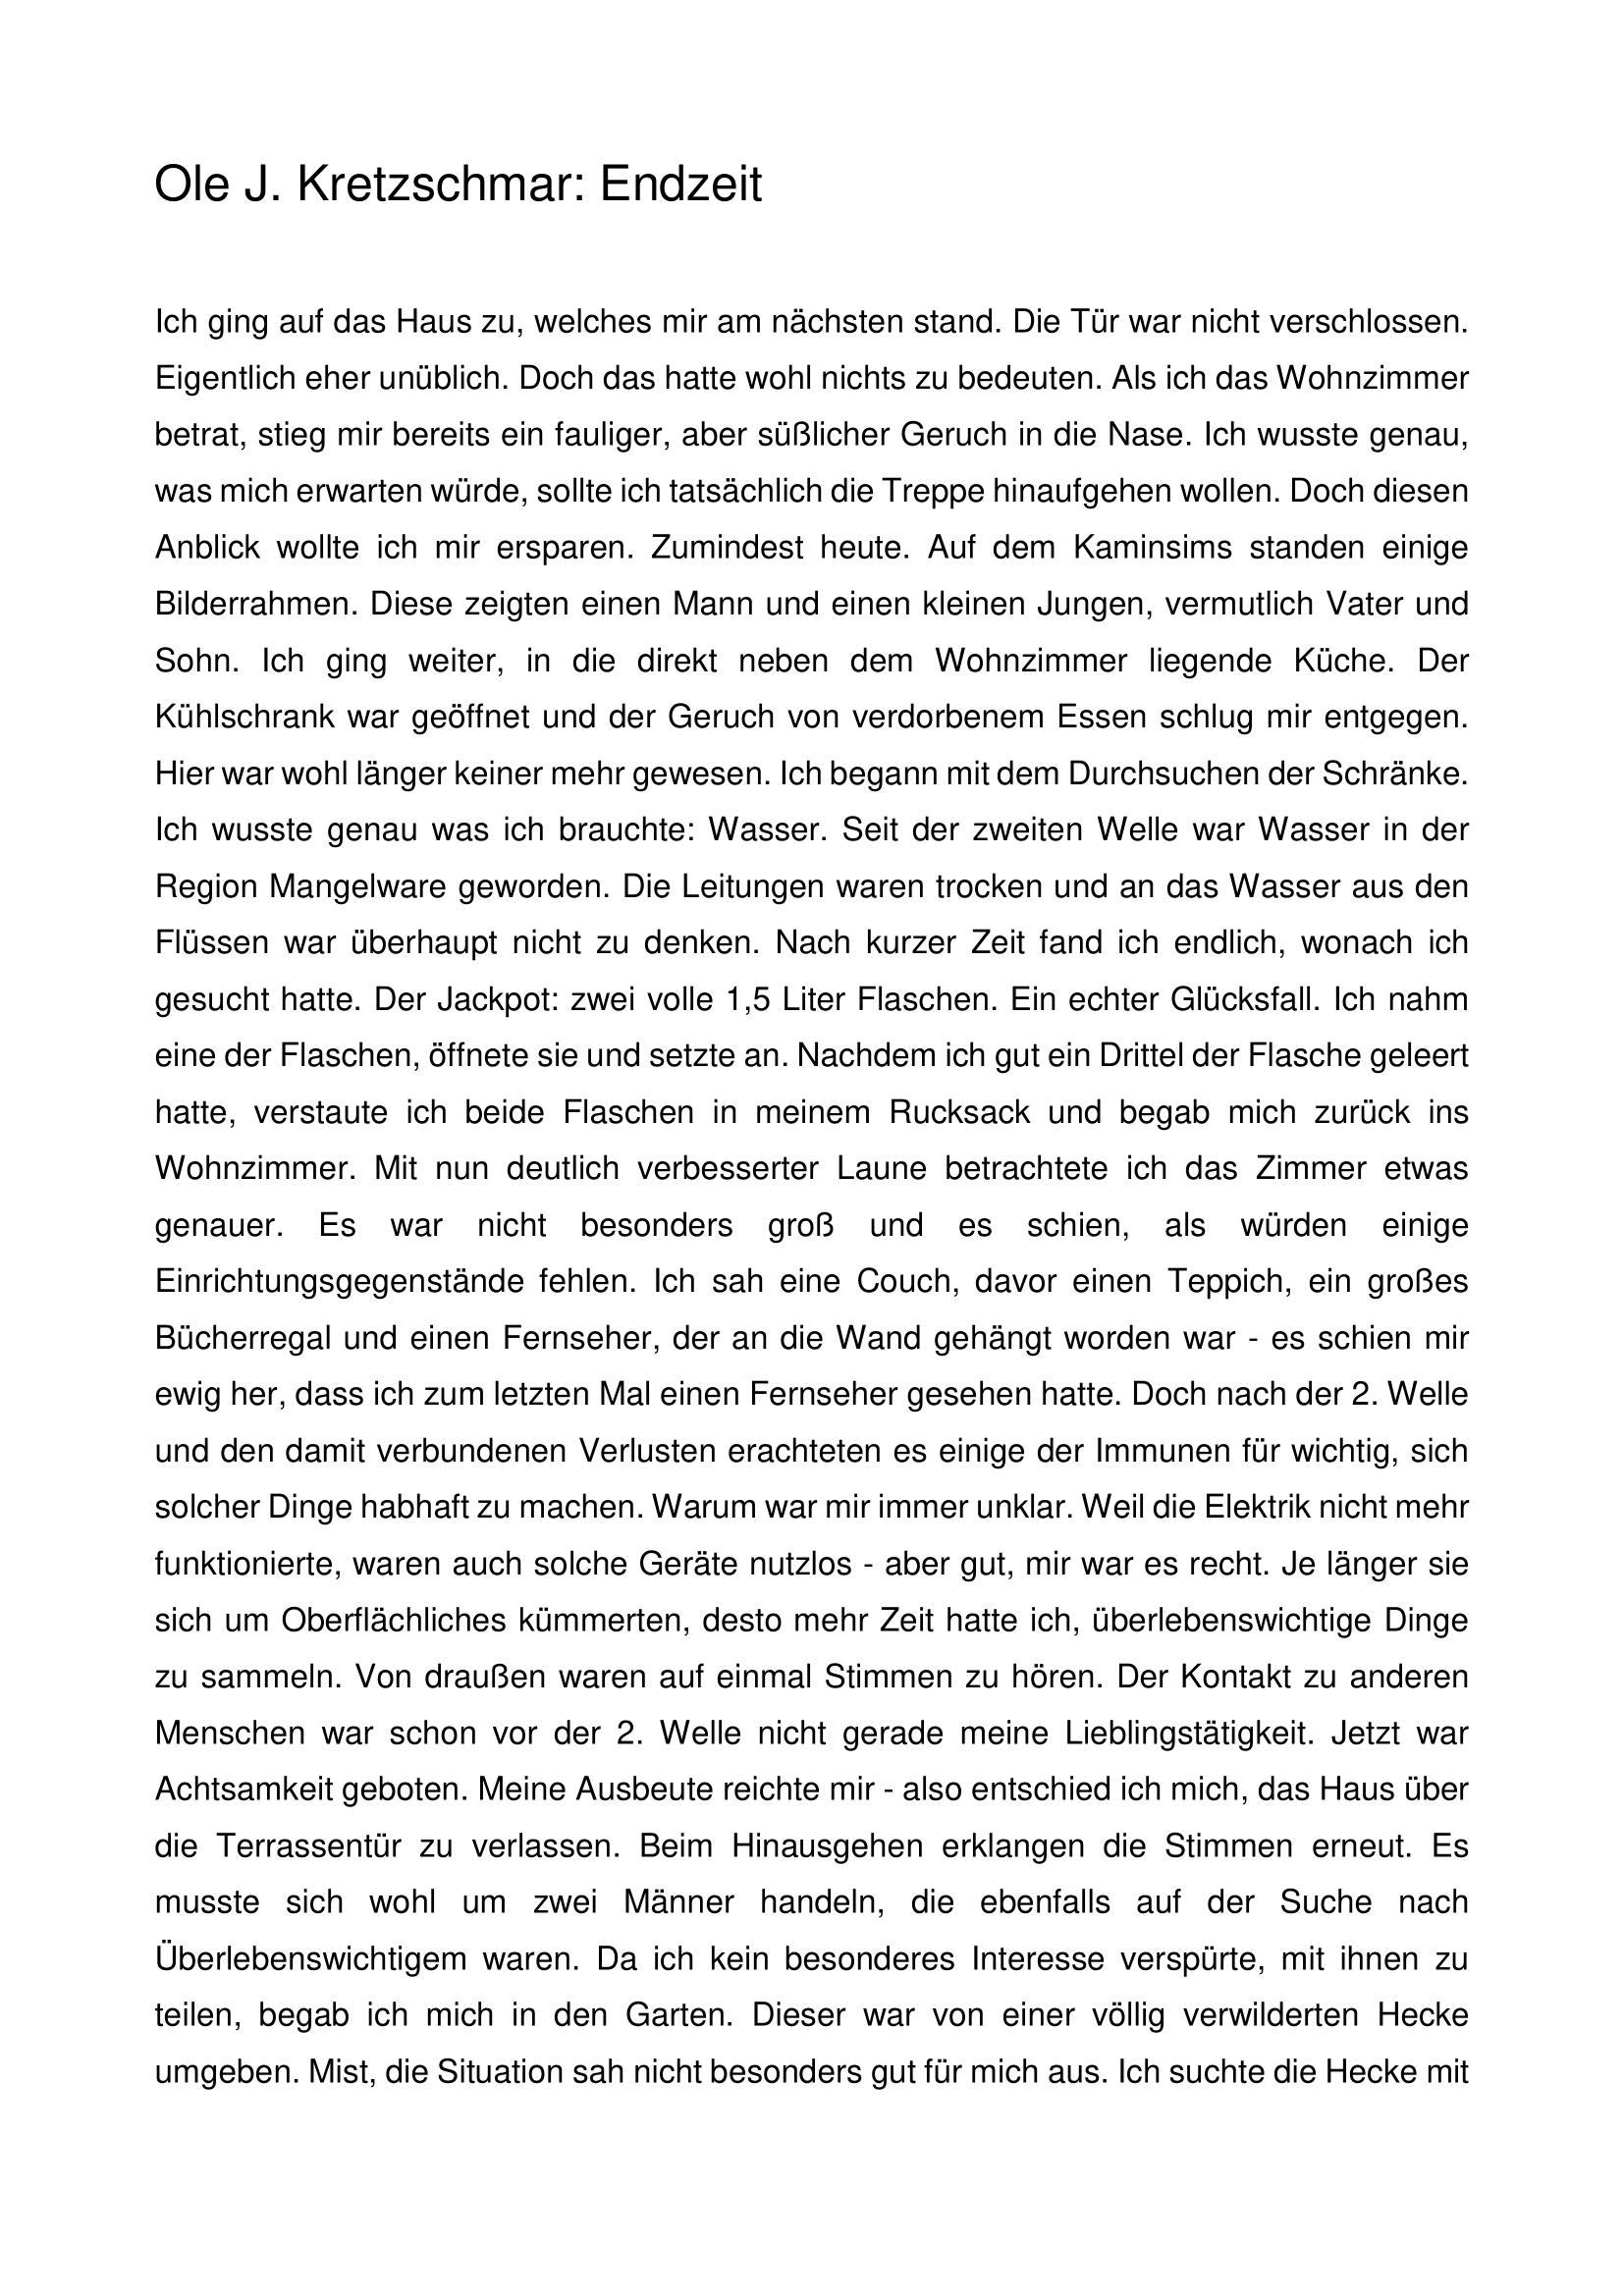 Endzeit (Teil 1)